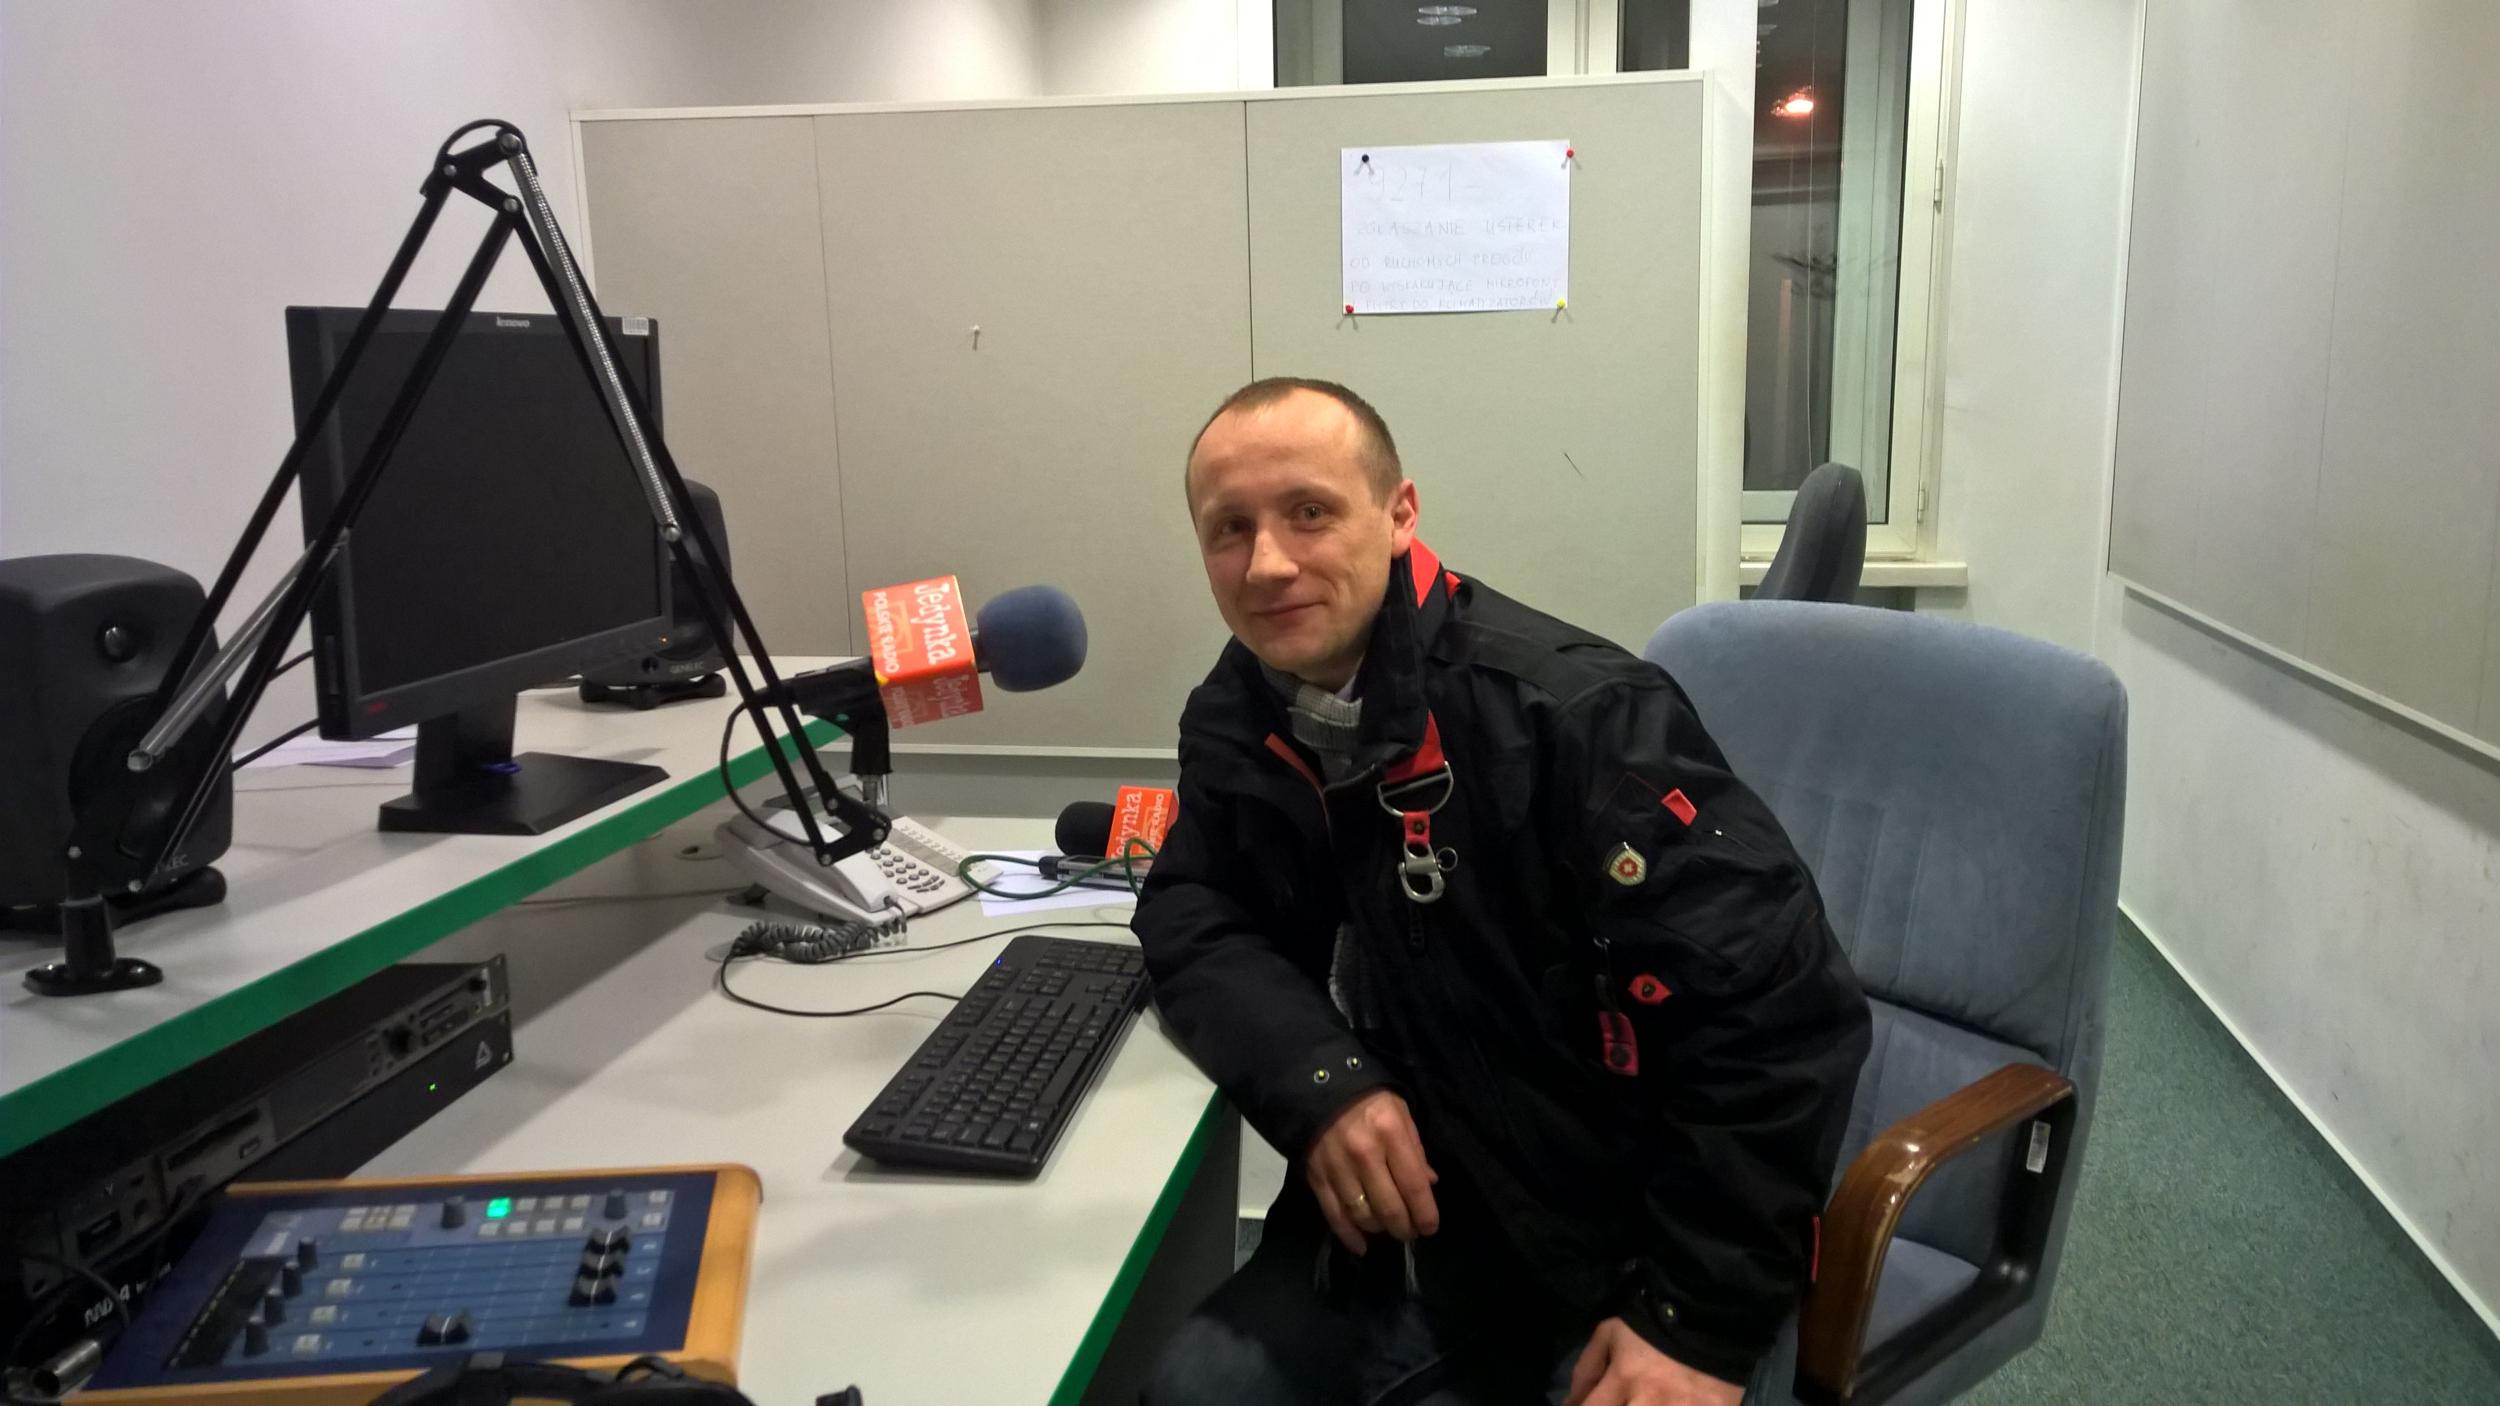 Pawel-Slubowski-Wywiad-o-wideorejestratorach-dla-radiowej-jedynki